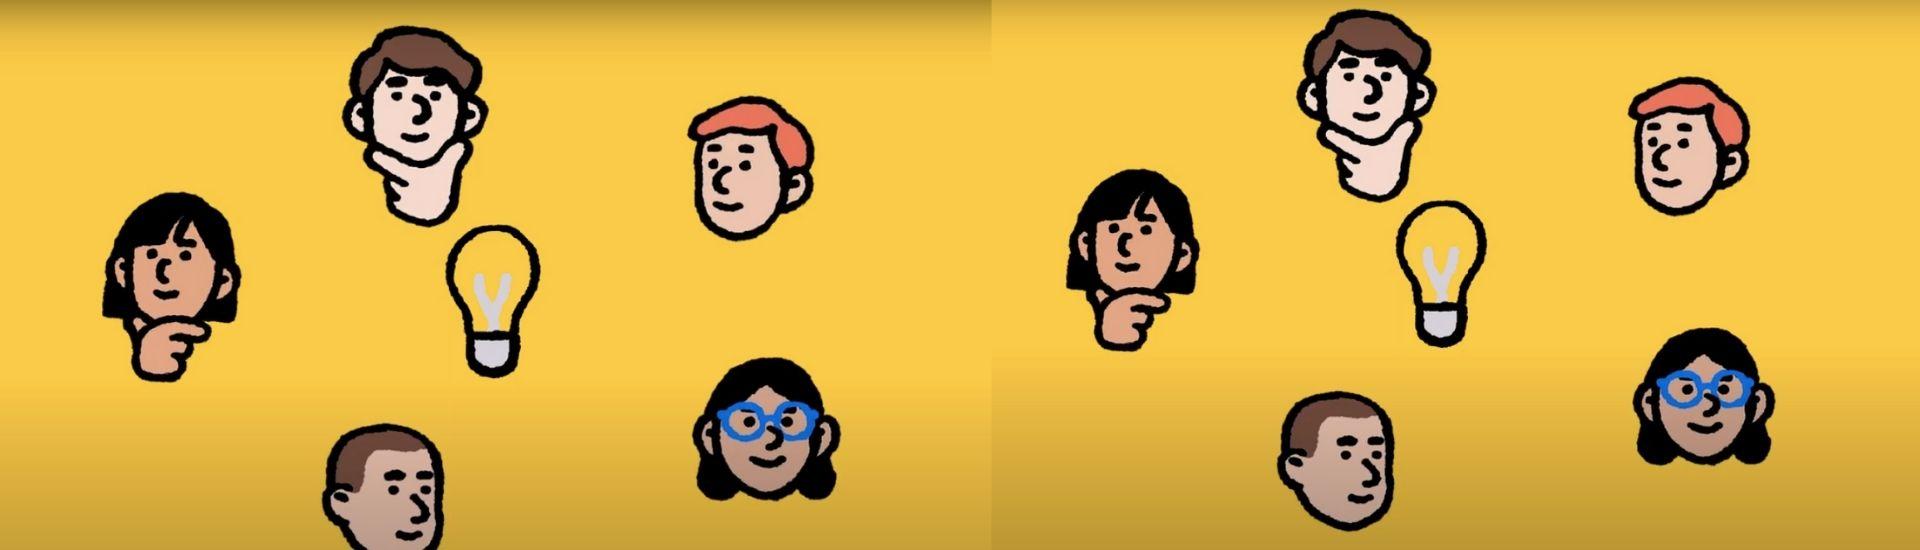 Ilustración de varios estudiantes pensando alrededor de un bombillo